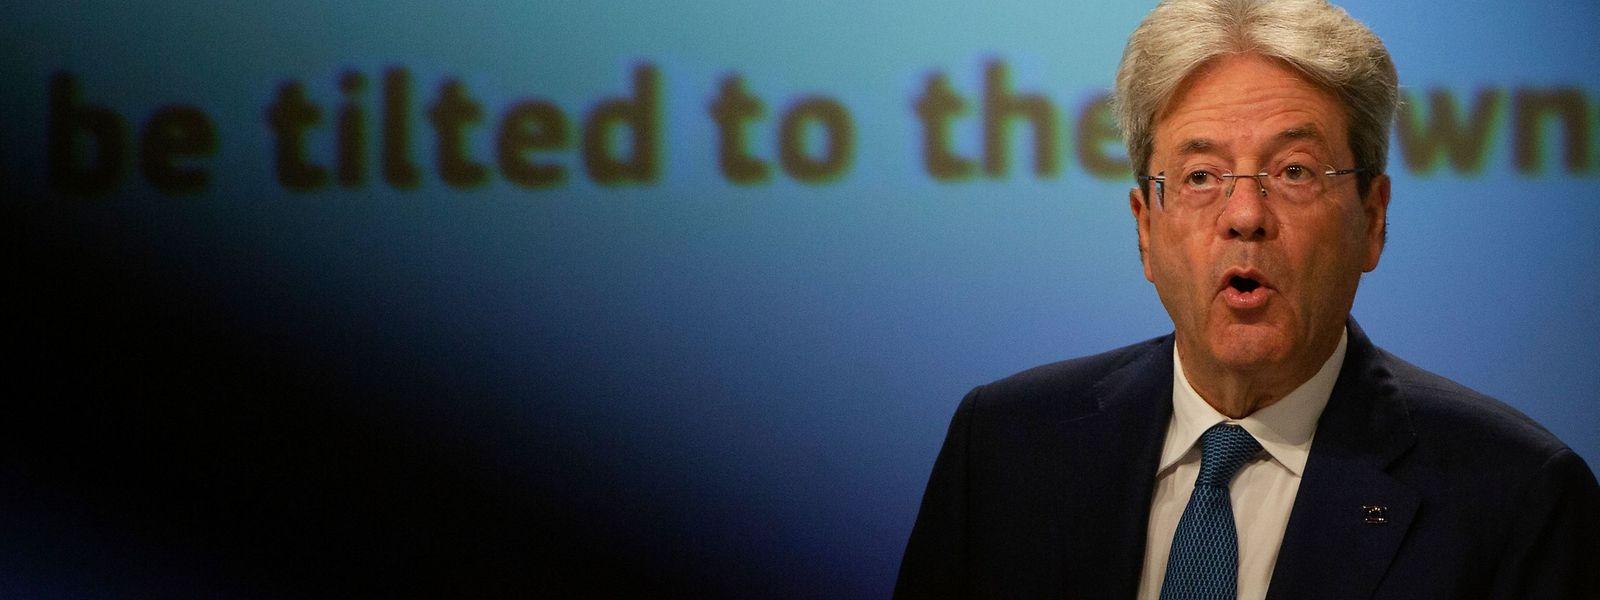 EU-Kommissar Paolo Gentiloni meint, die Zeit sei reif für ambitionierte Steuerreformen.